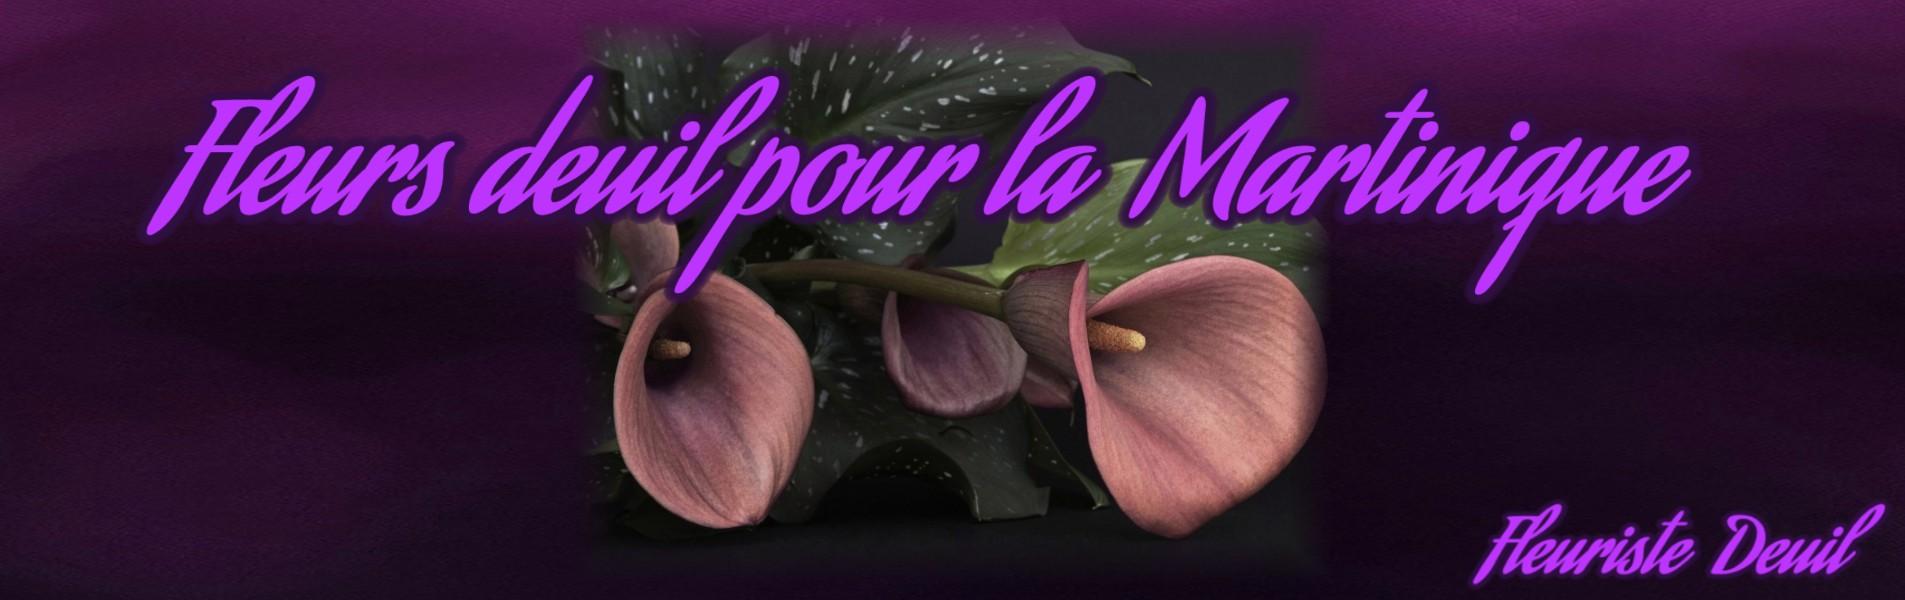 FLEURS DE DEUIL POUR LA MARTINIQUE. fleurs deuil FORT DE FRANCE, fleurs deuil LE LAMENTIN, fleurs deuil LE ROBERT, fleurs deuil SCHOELCHER, fleurs deuil STE MARIE, fleurs deuil LE FRANCOIS, fleurs deuil ST JOSEPH, fleurs deuil DUCOS, fleurs deuil RIVIERE PILOTE, fleurs deuil LA TRINITE, fleurs deuil RIVIERE SALEE, fleurs deuil GROS MORNE, fleurs deuil LE LORRAIN, fleurs deuil ST ESPRIT, fleurs deuil LE VAUCLIN, fleurs deuil STE LUCE, fleurs deuil LE MARIN, fleurs deuil LE MORNE ROUGE, fleurs deuil LES TROIS ILETS, fleurs deuil ST PIERRE, fleurs deuil BASSE POINTE, fleurs deuil STE ANNE, fleurs deuil CASE PILOTE, fleurs deuil LE DIAMANT, fleurs deuil LE MARIGOT, fleurs deuil LES ANSES D ARLET, fleurs deuil LE CARBET, fleurs deuil LE MORNE VERT, fleurs deuil LE PRECHEUR, fleurs deuil L AJOUPA BOUILLON, fleurs deuil BELLEFONTAINE, fleurs deuil MACOUBA, fleurs deuil FONDS ST DENIS, fleurs deuil GRAND RIVIERE.